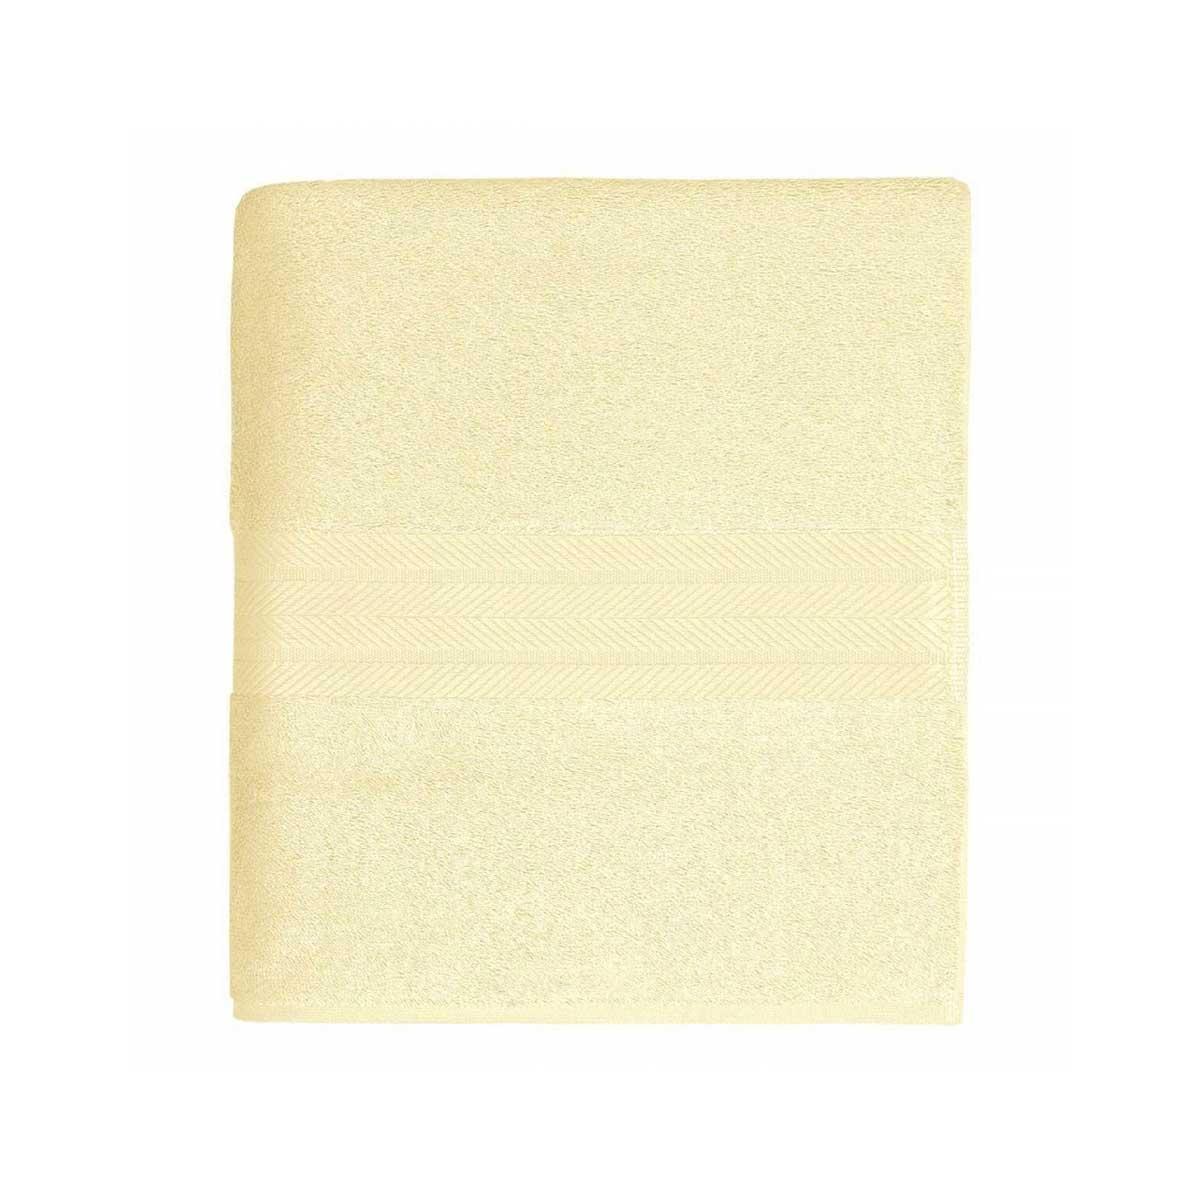 Linge de bain en coton moelleux 550gr/m² - Ecru - 70 x 140 cm